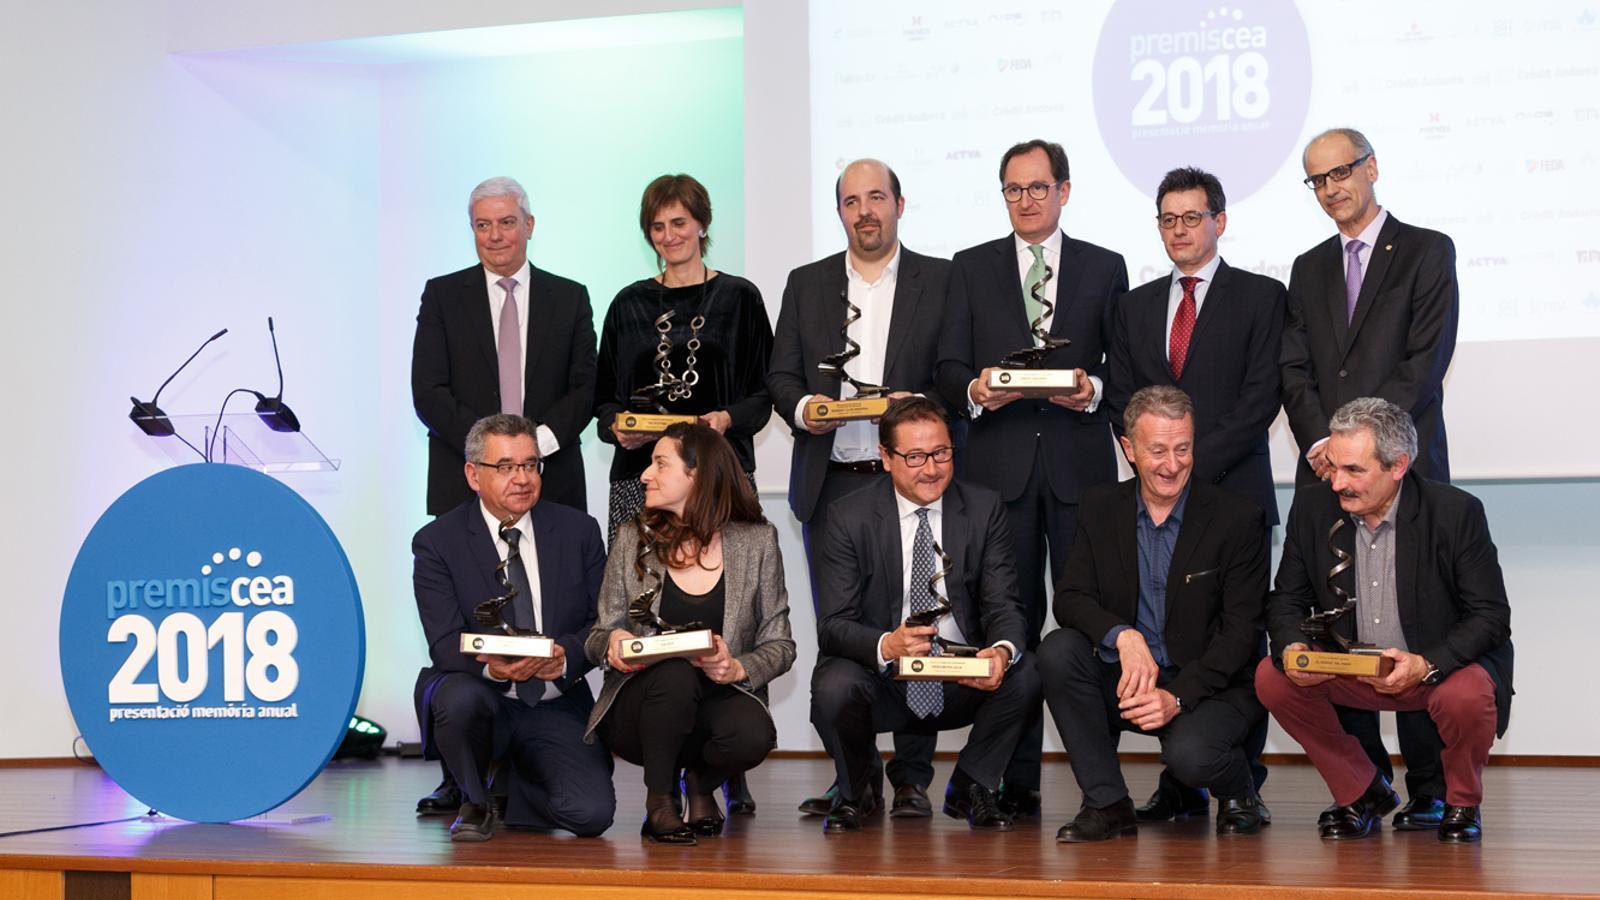 Foto de família de tots els premiats a la gala de la Confederació Empresarial Andorrana. / S. P.